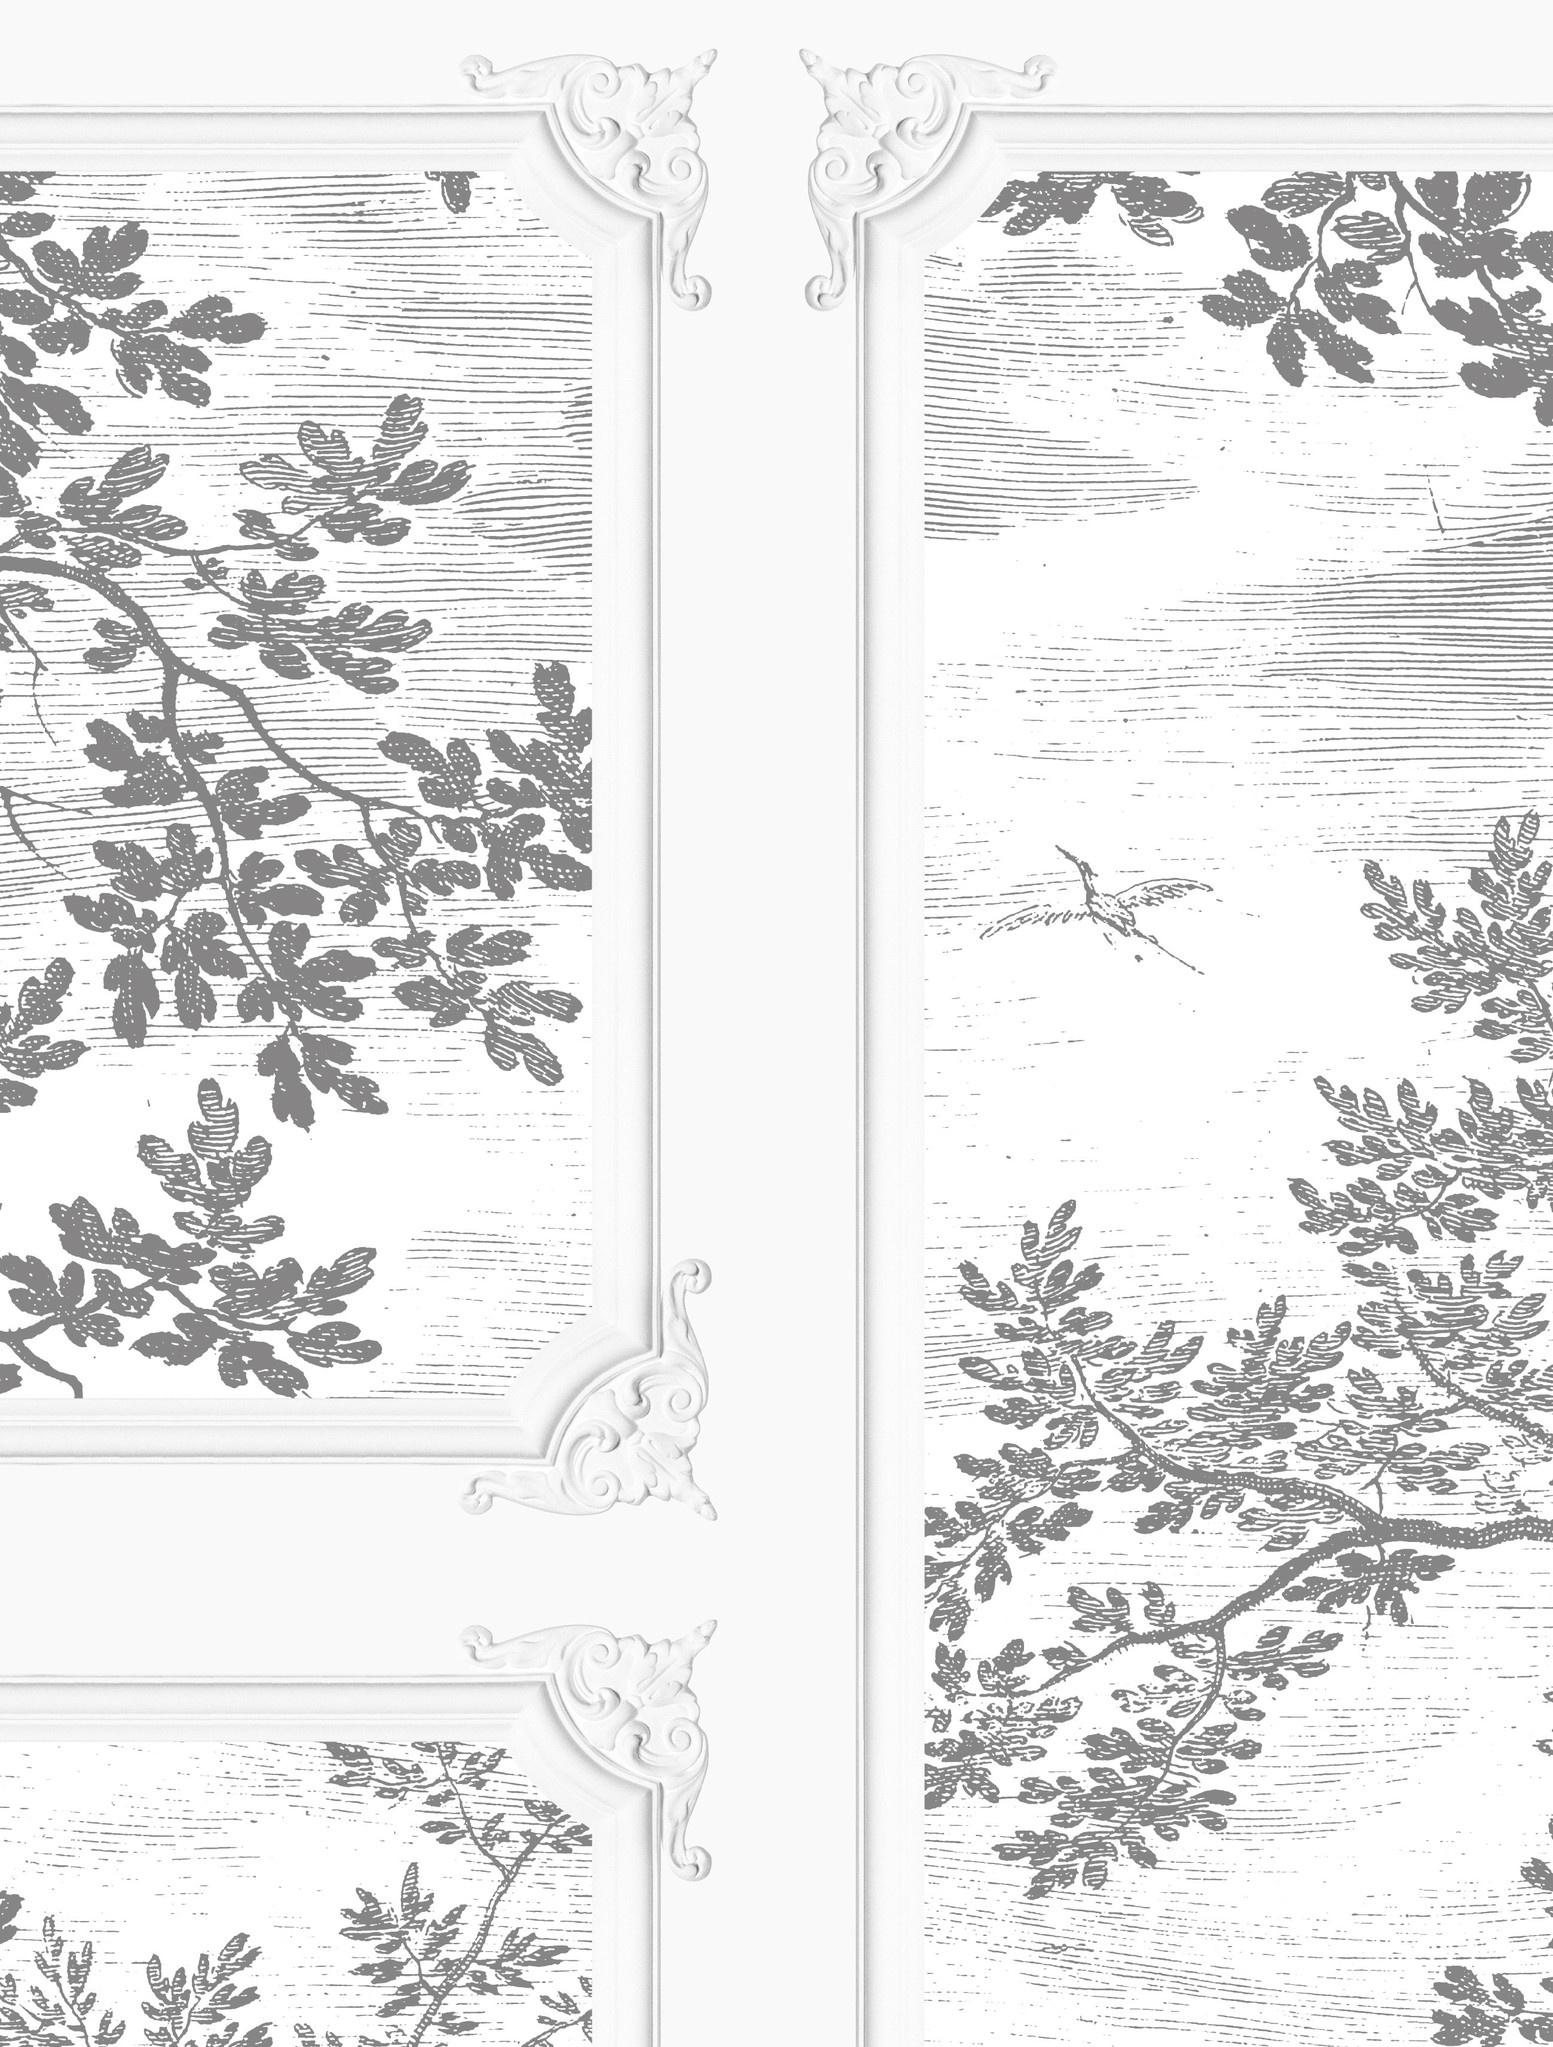 Behang Ornaments 292.2x280cm-3